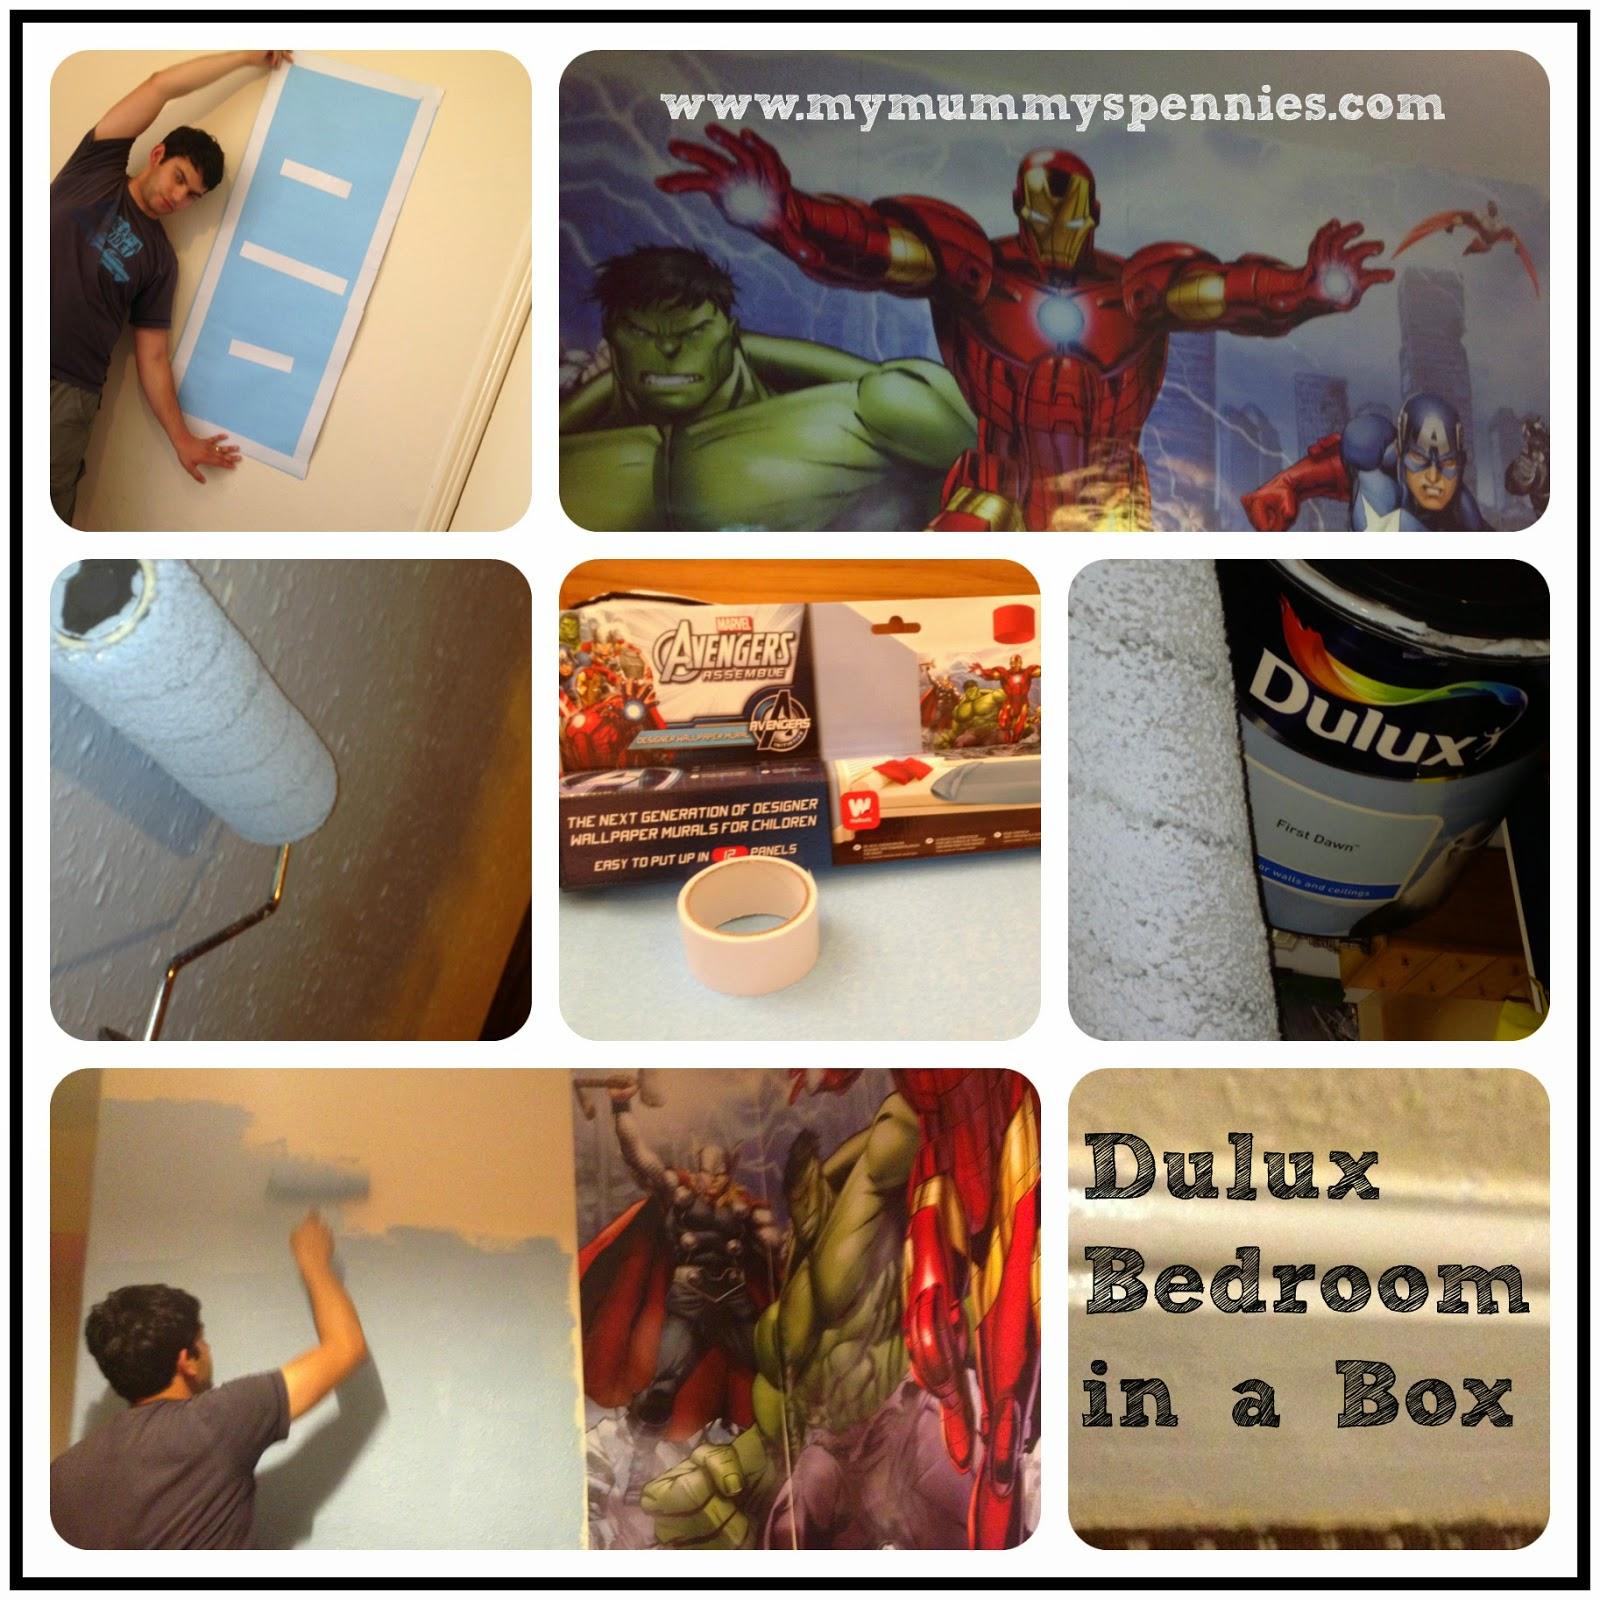 Dulux Zestaw Bedroom In A Box: My Mummy's Pennies: Dulux Bedroom In A Box